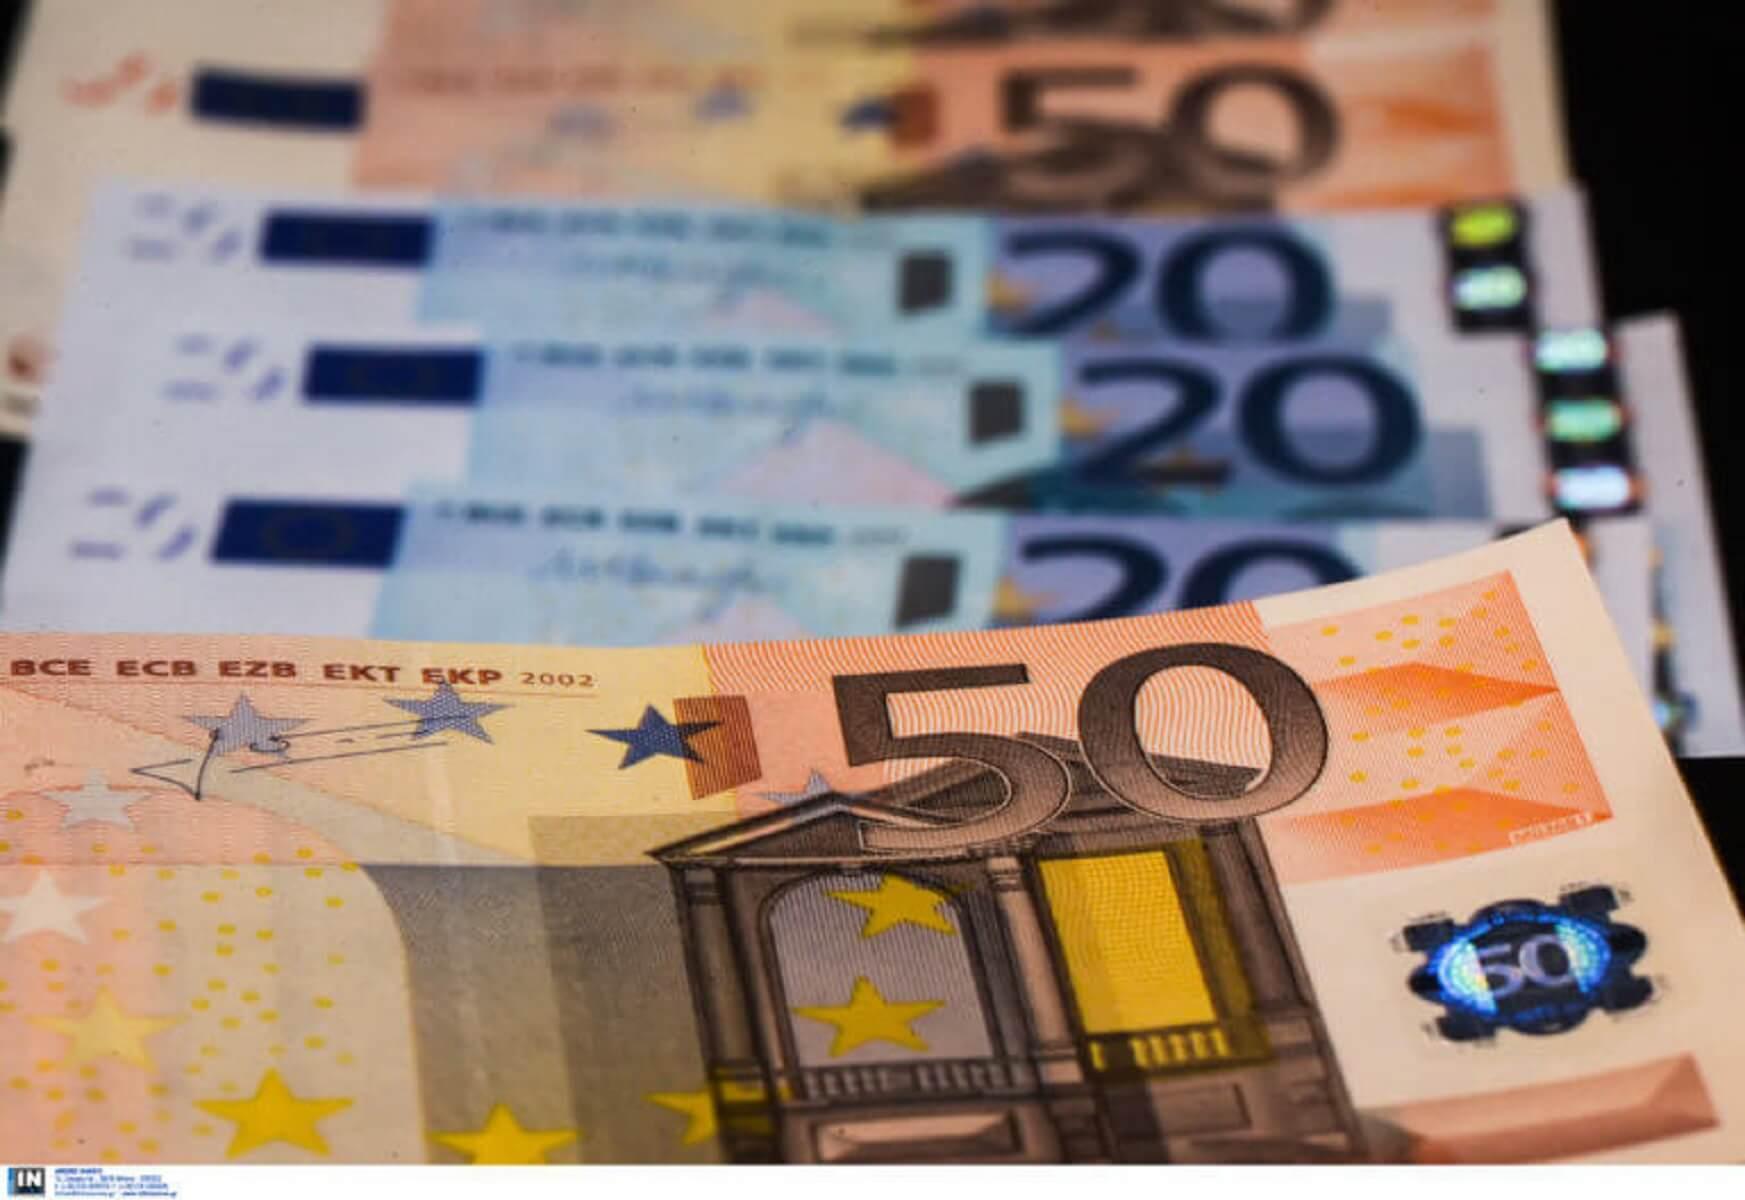 Εύβοια: Τα χρήματα που εμφανίστηκαν μπροστά του, του έφεραν μπελάδες που δεν μπορούσε να φανταστεί